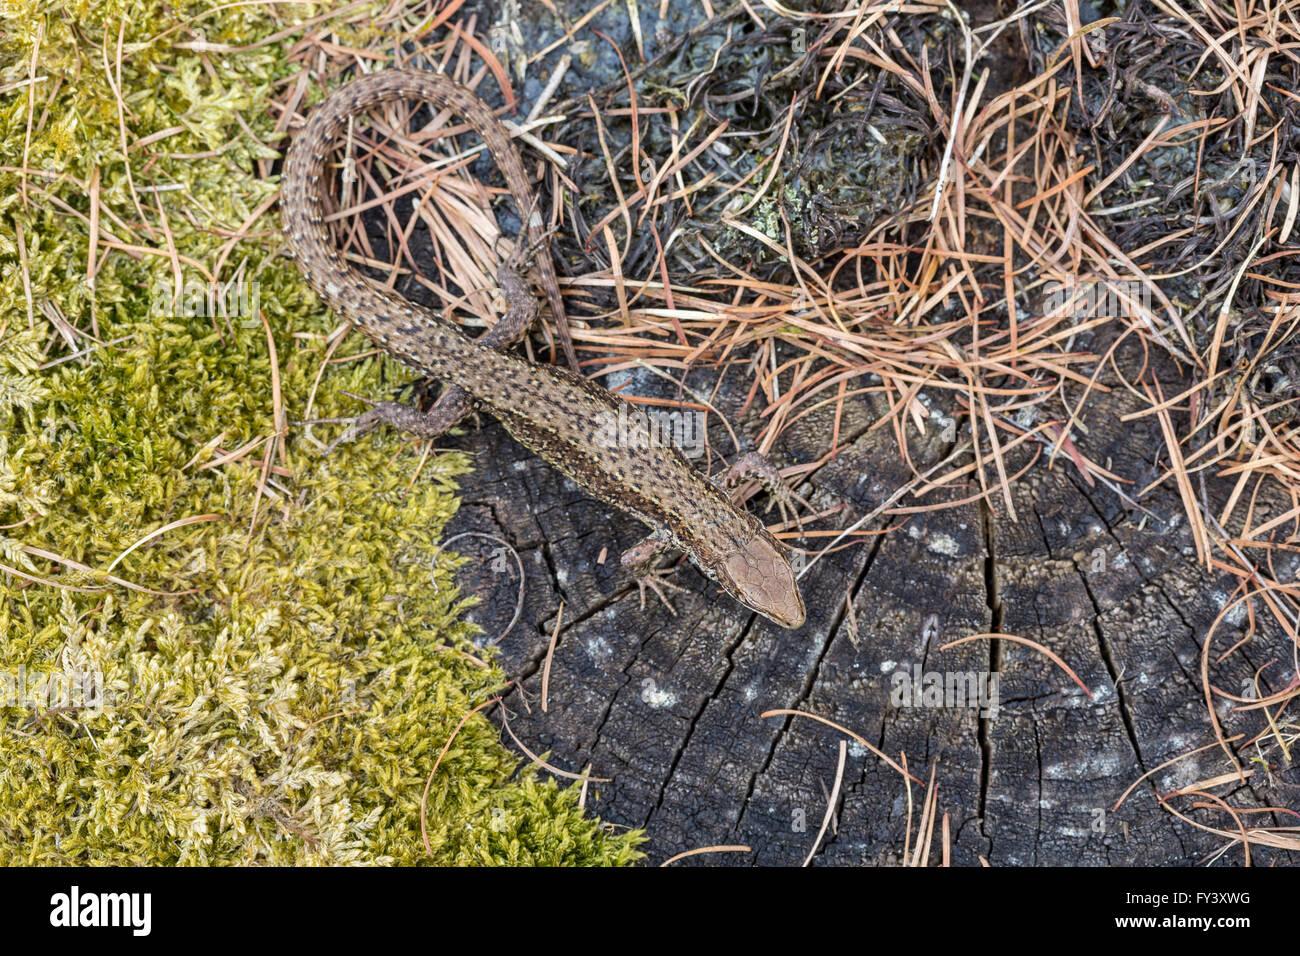 Gemeinsame Eidechse oder lebendgebärend Eidechse, Zootoca Vivipara (vormals Lacerta Vivipara), Männlich, Gloucestershire, Stockfoto